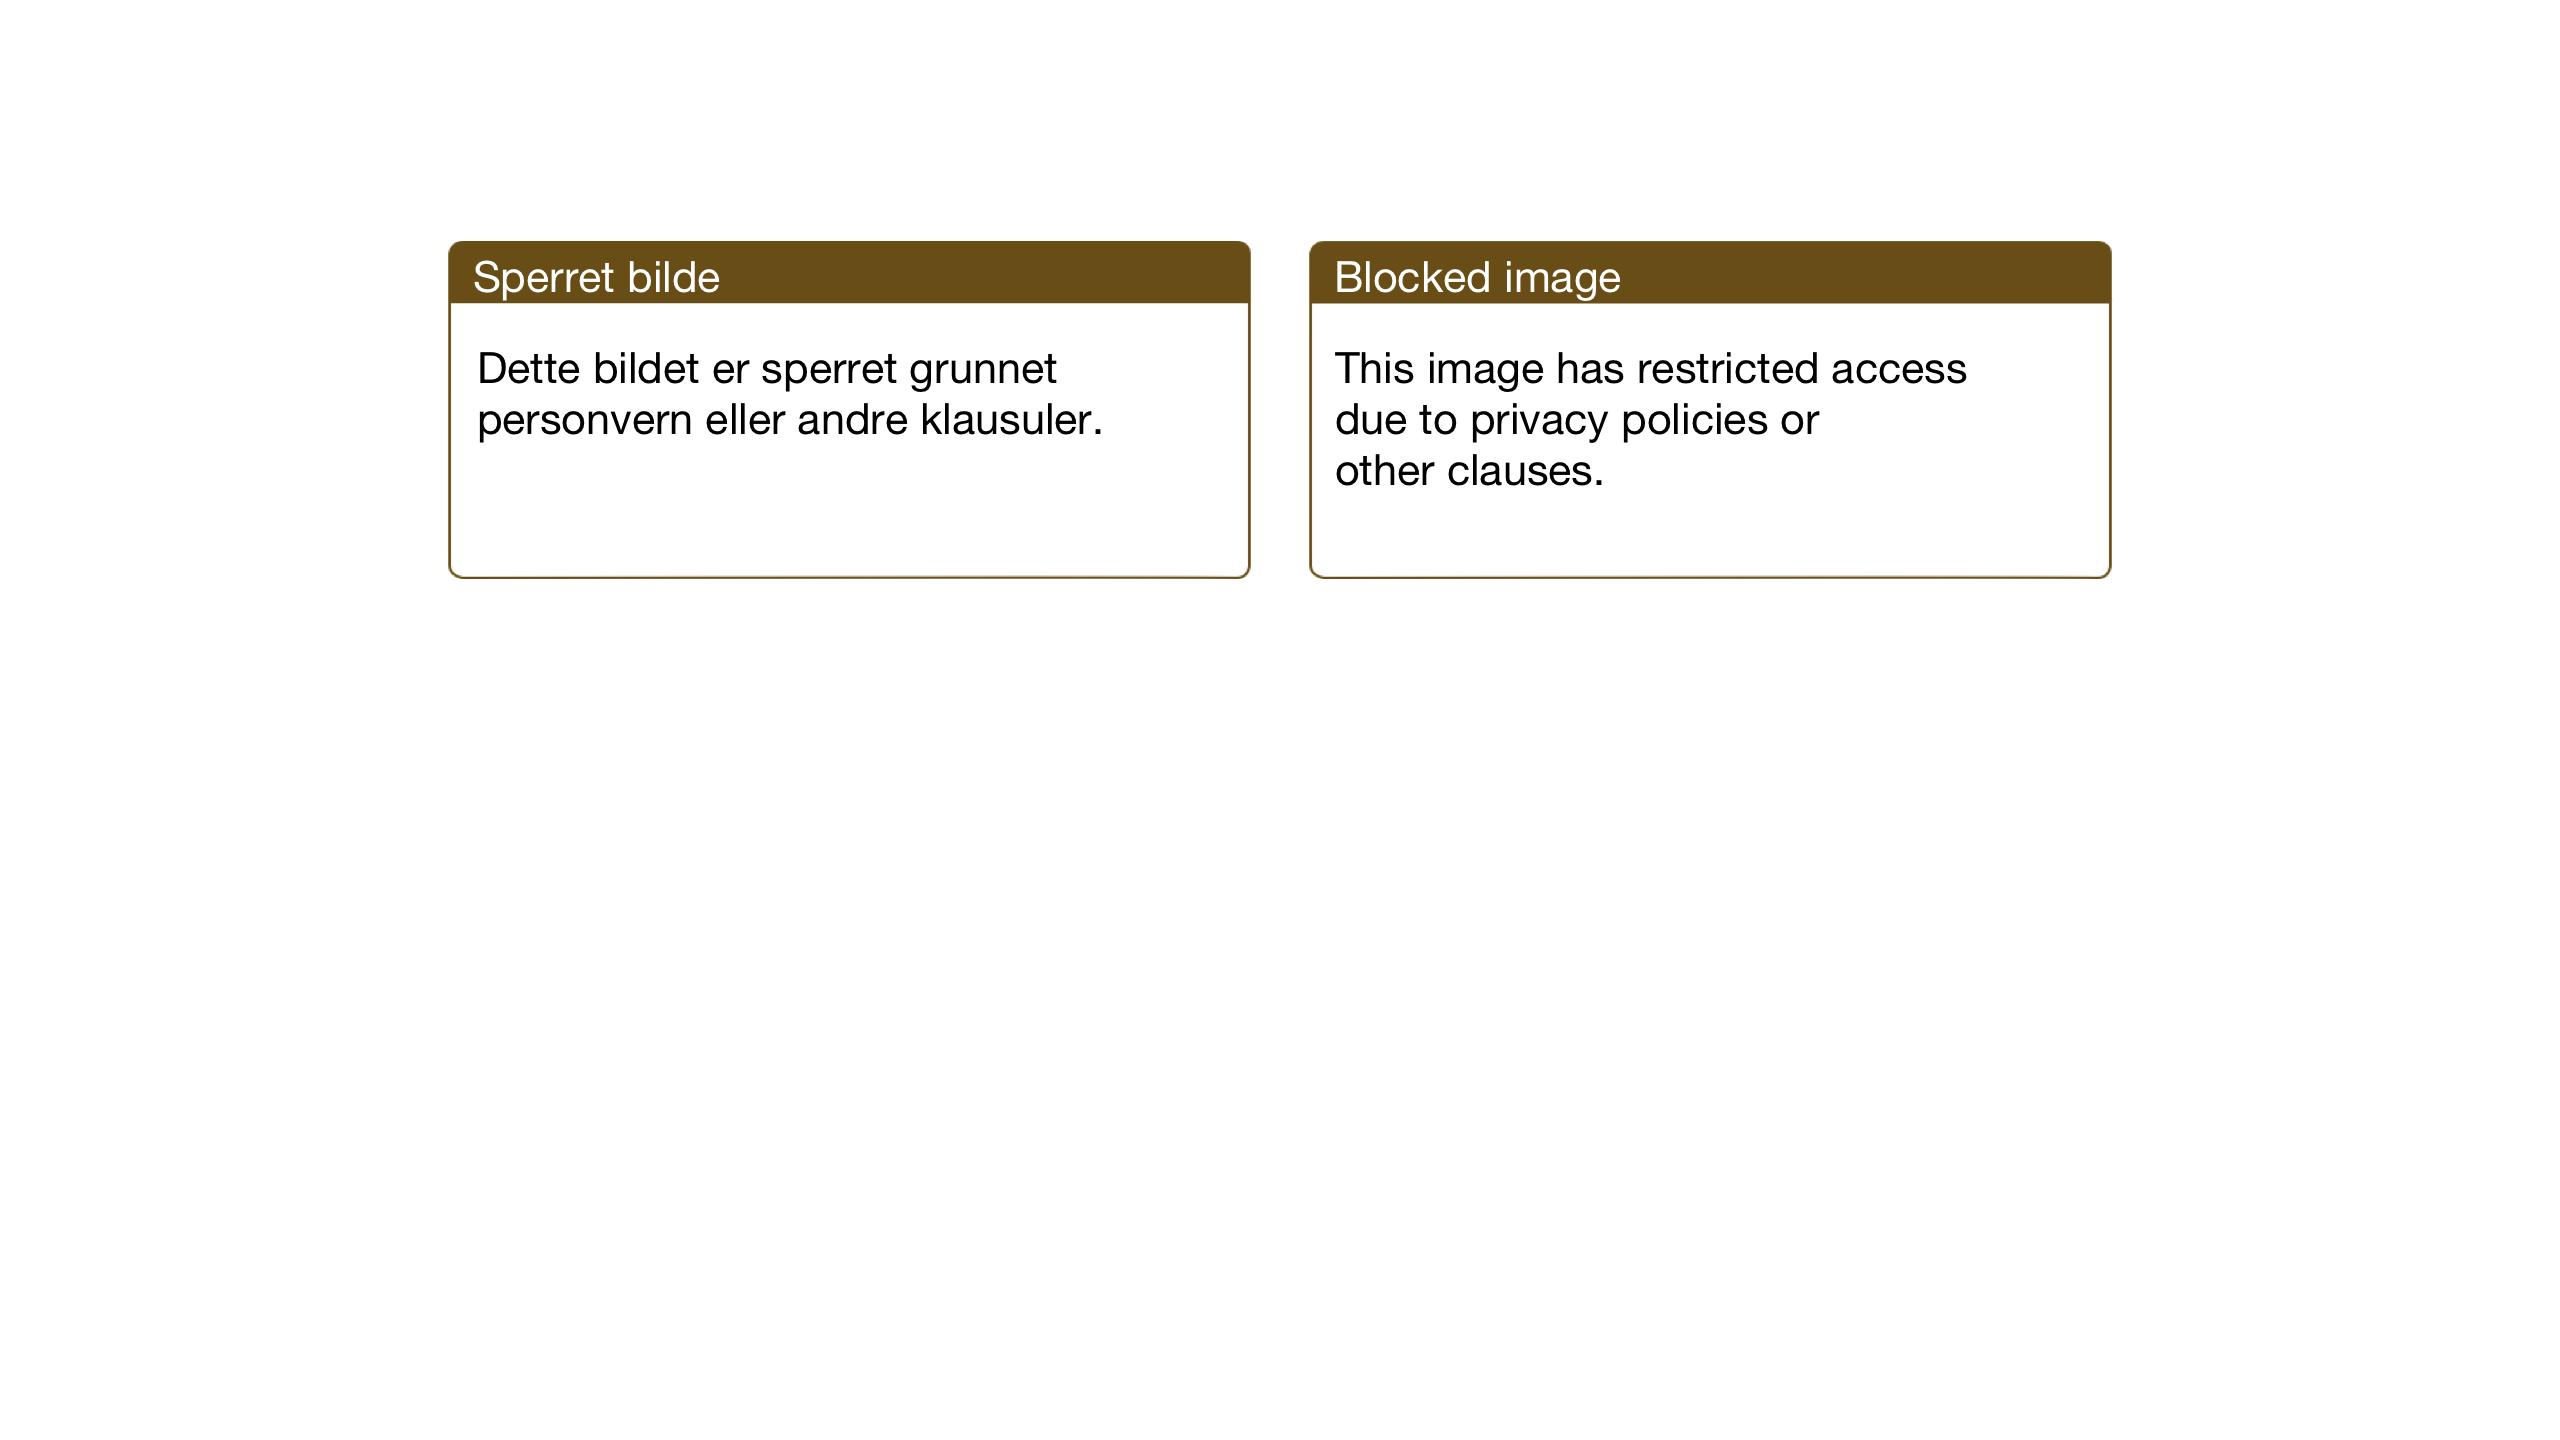 SAT, Ministerialprotokoller, klokkerbøker og fødselsregistre - Sør-Trøndelag, 681/L0944: Klokkerbok nr. 681C08, 1926-1954, s. 7